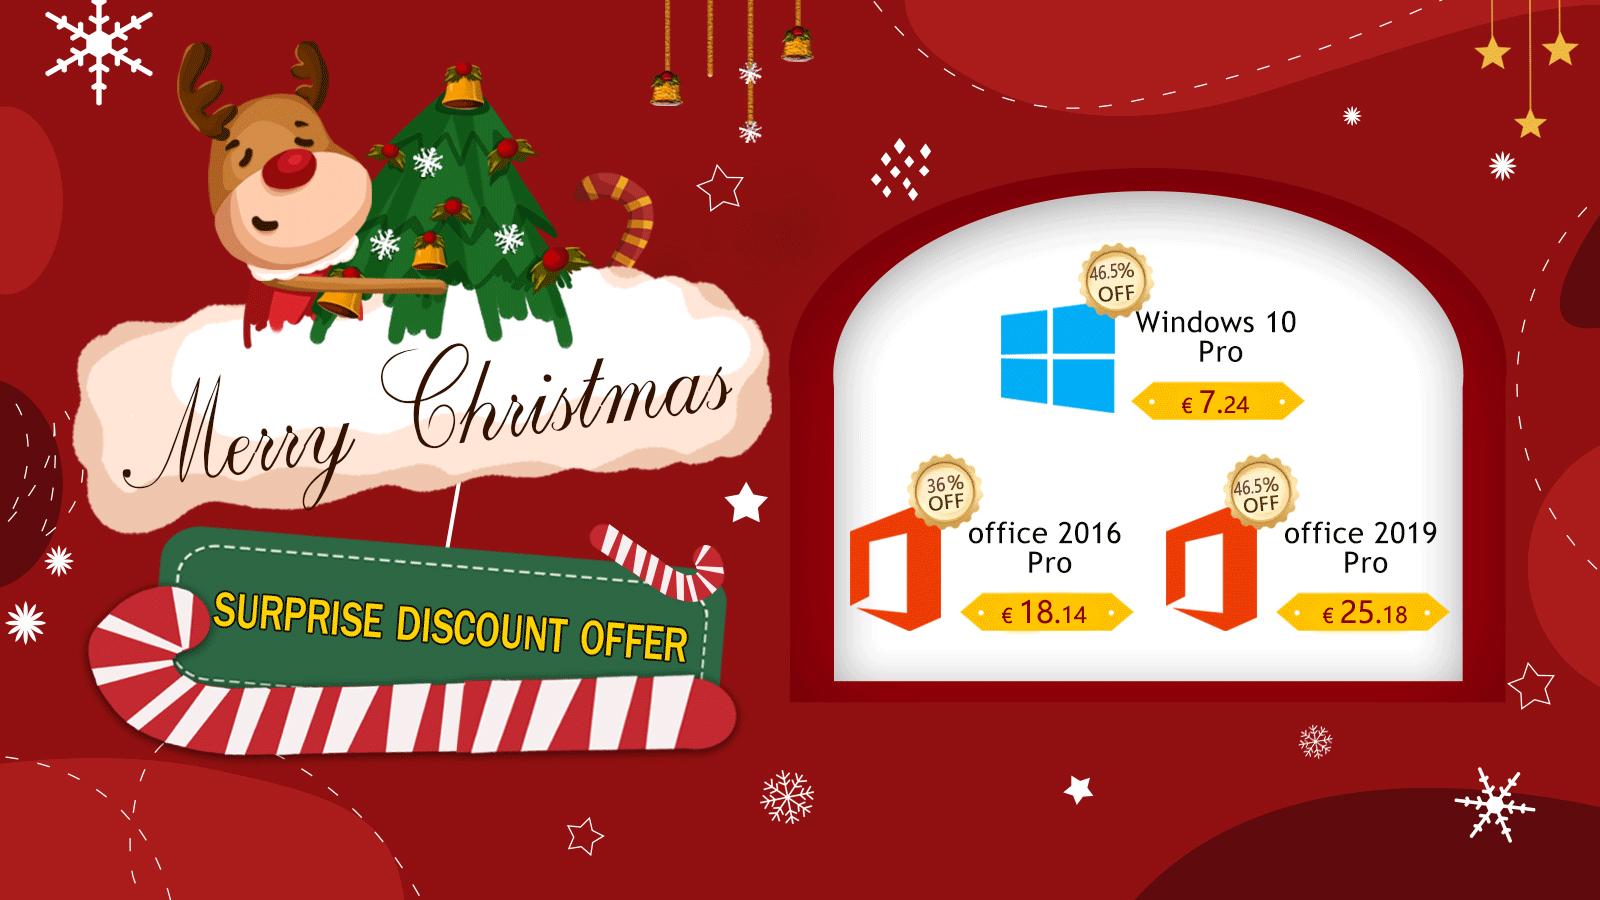 Vánoční speciální nadílka: Windows 10 Pro za 7.24 EUR a Office 2019 Pro za 25.18 EUR [sponzorovaný článek]